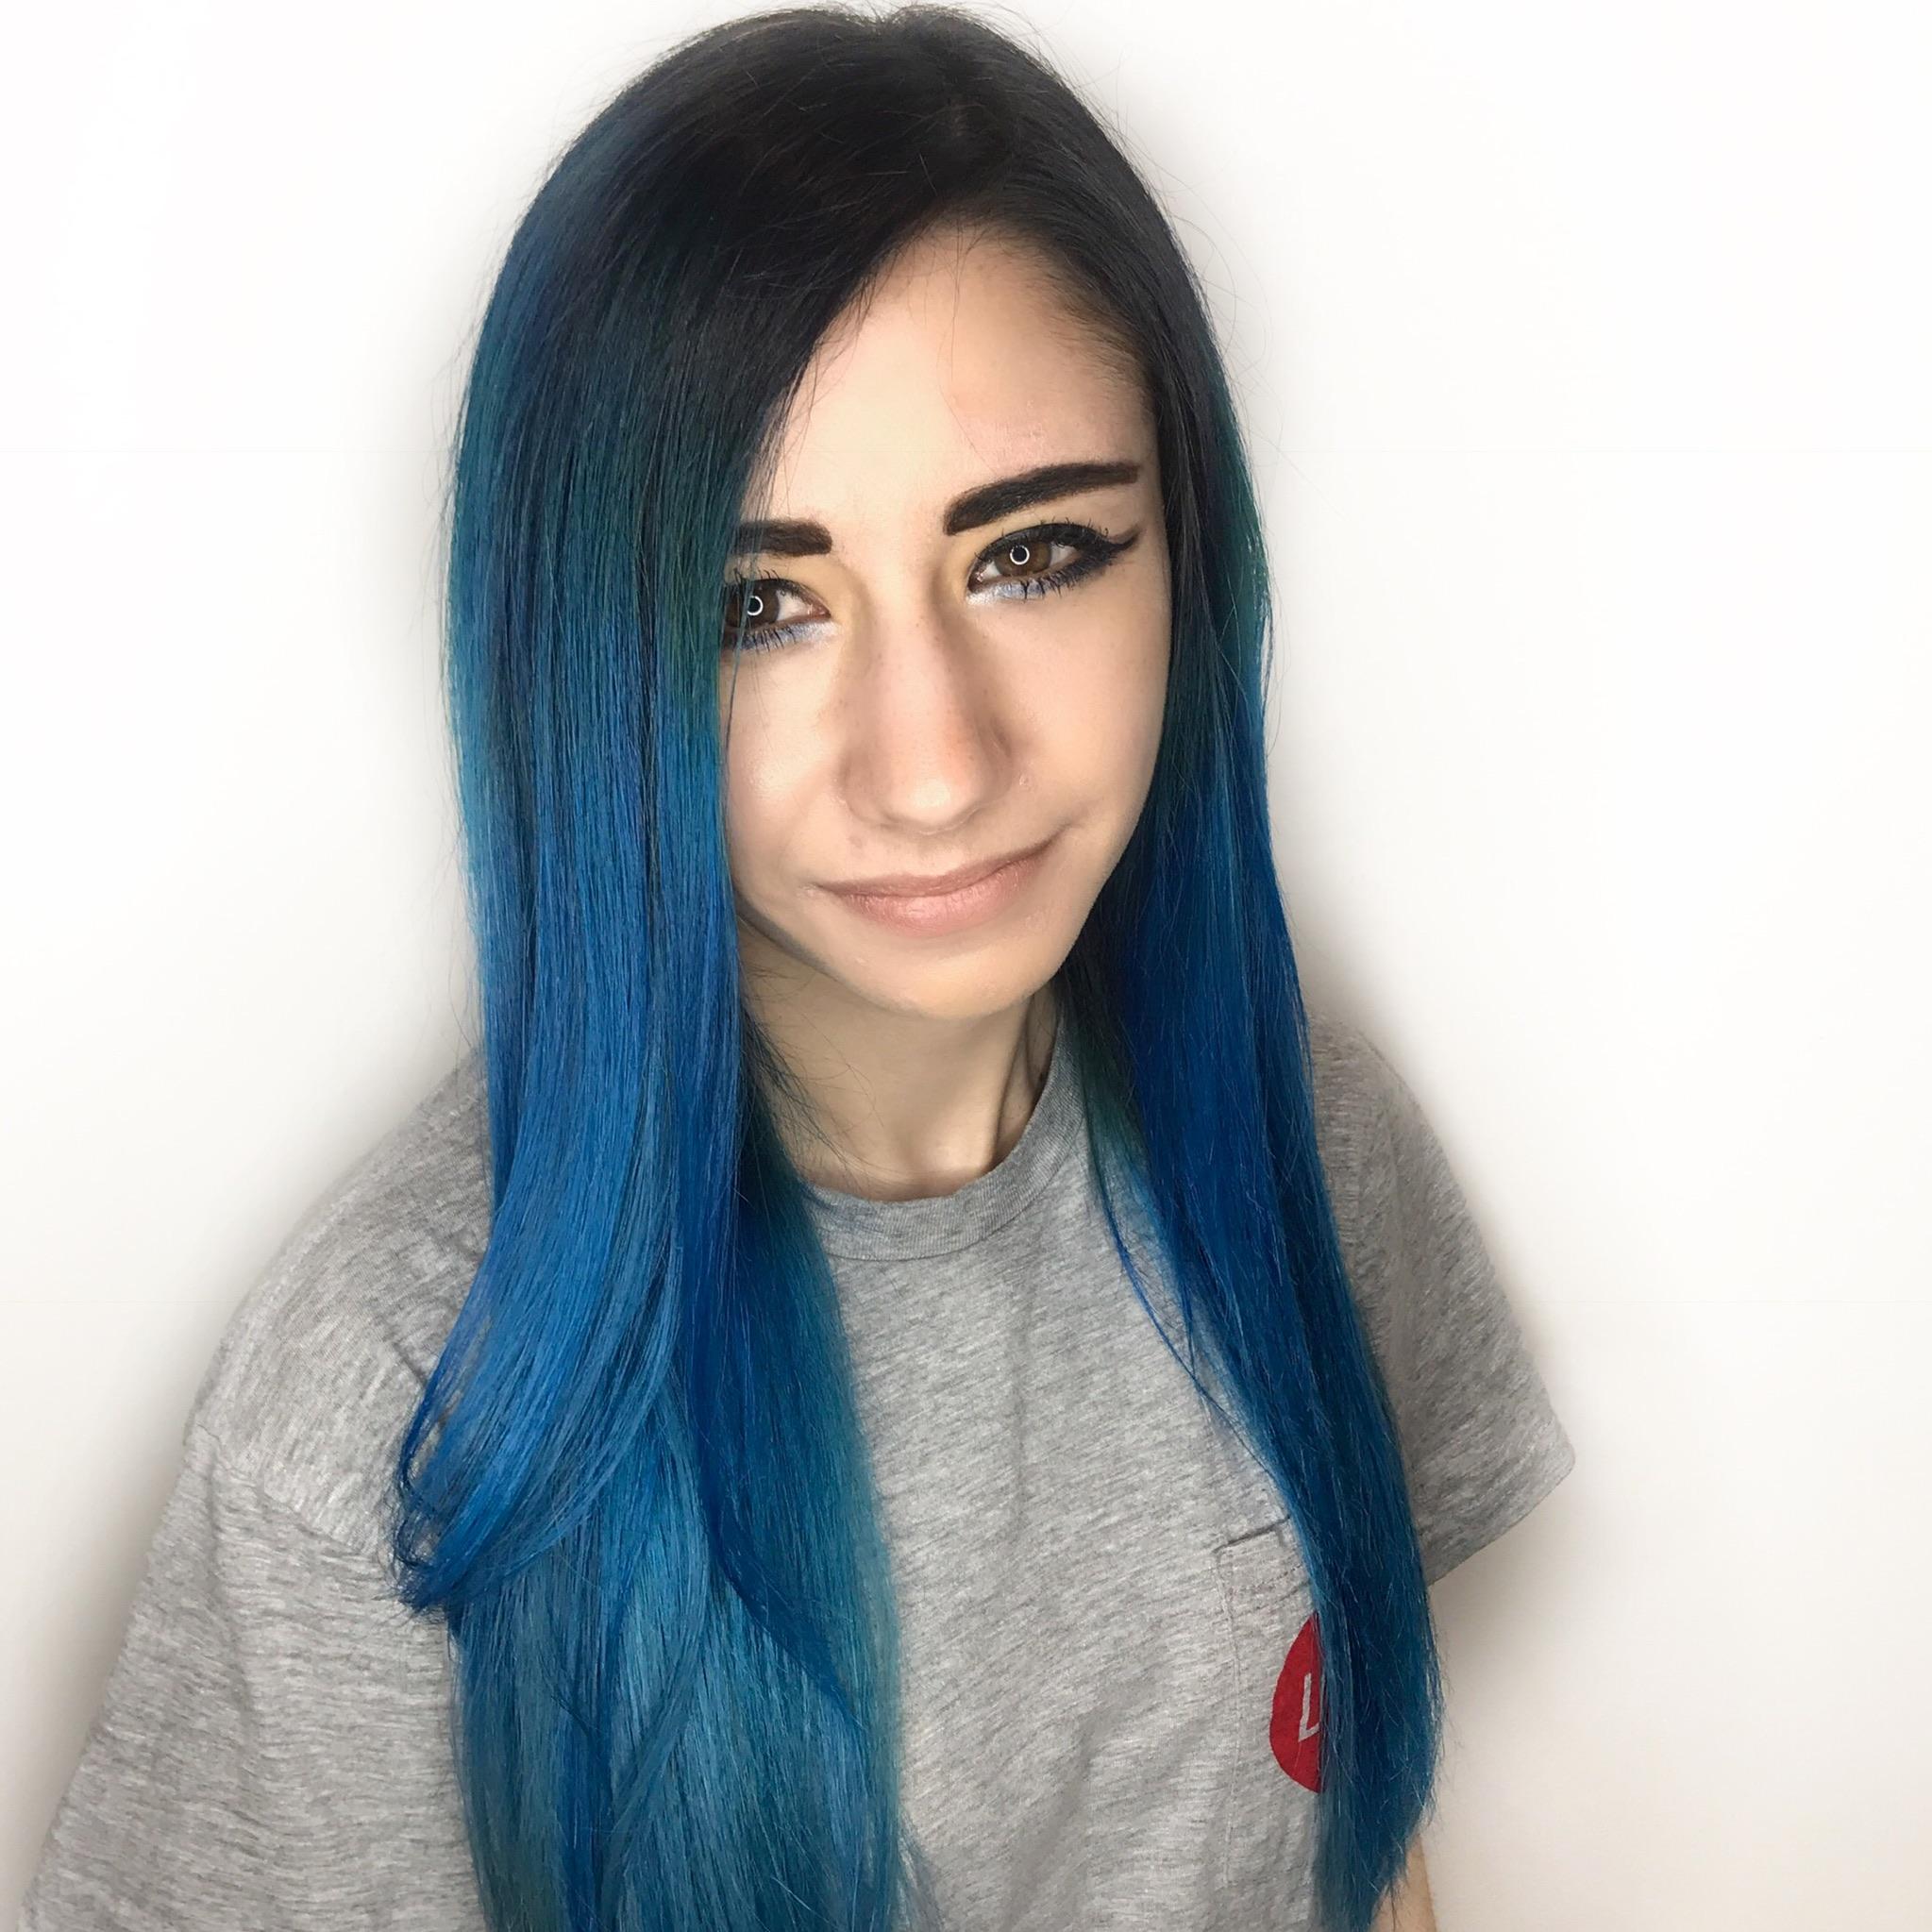 Marvellous Ocean Blue Color Melt Ocean Blue Color Melt Hair Co Brooklyn Ocean Blue Color Note 9 Ocean Blue Color Fest Fountain houzz 01 Ocean Blue Color